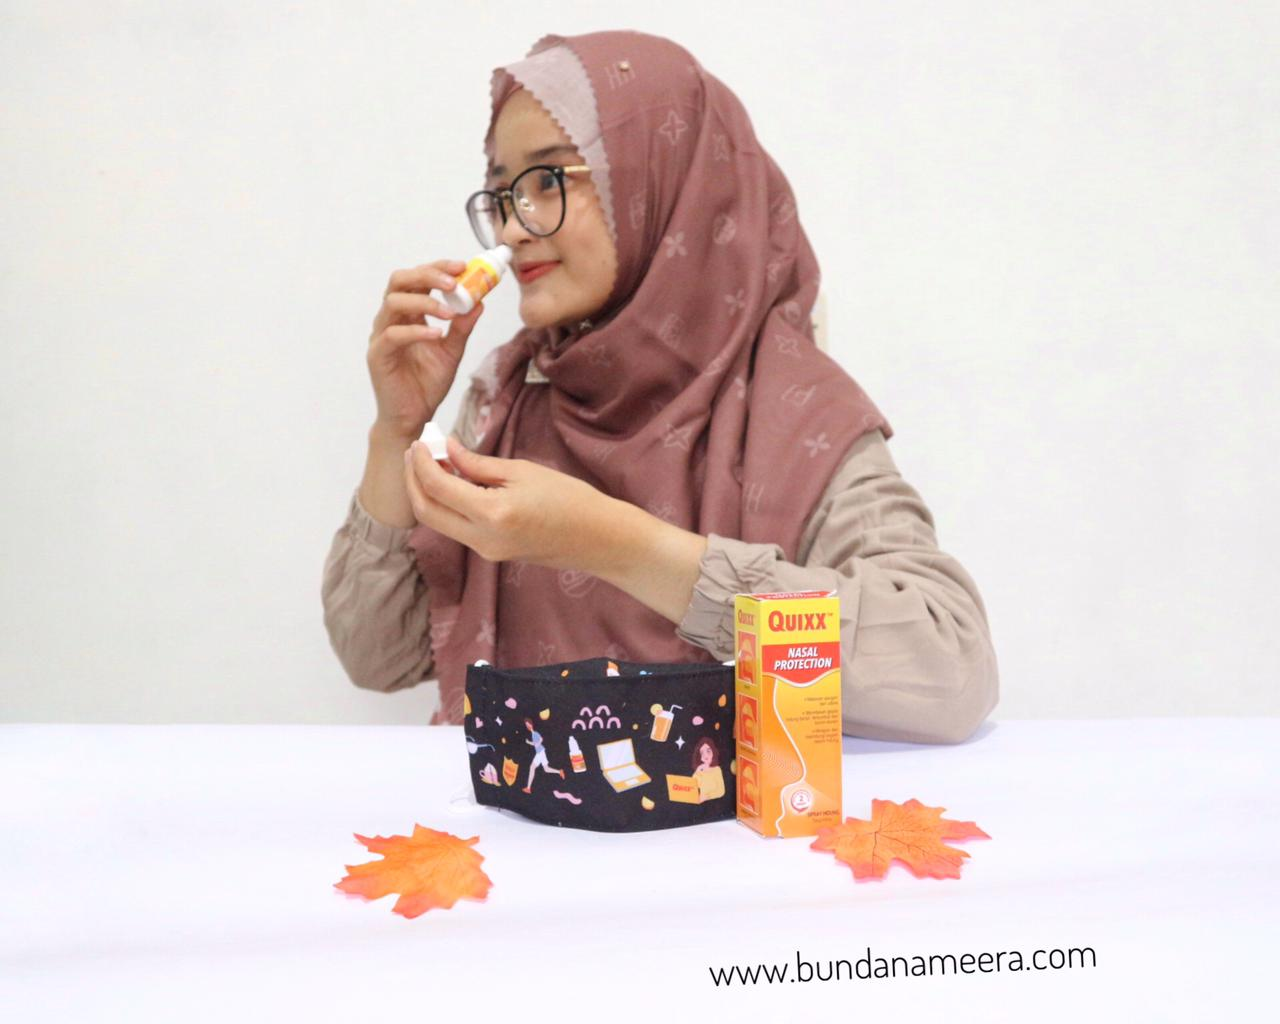 Quixx Nasal Protection